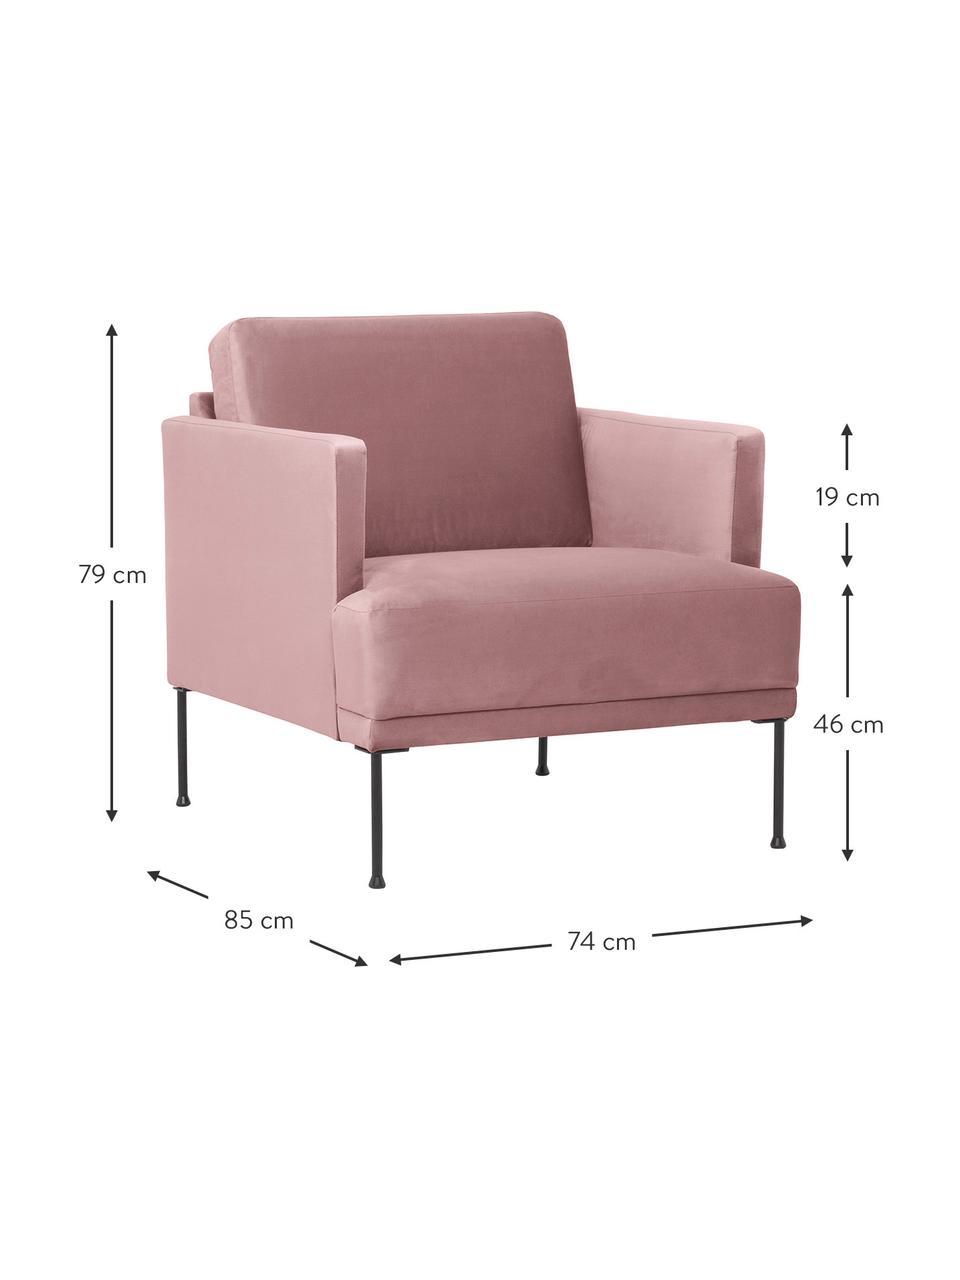 Fluwelen fauteuil Fluente in roze met metalen poten, Bekleding: fluweel (hoogwaardig poly, Frame: massief grenenhout, Poten: gepoedercoat metaal, Fluweel roze, B 74 x D 85 cm